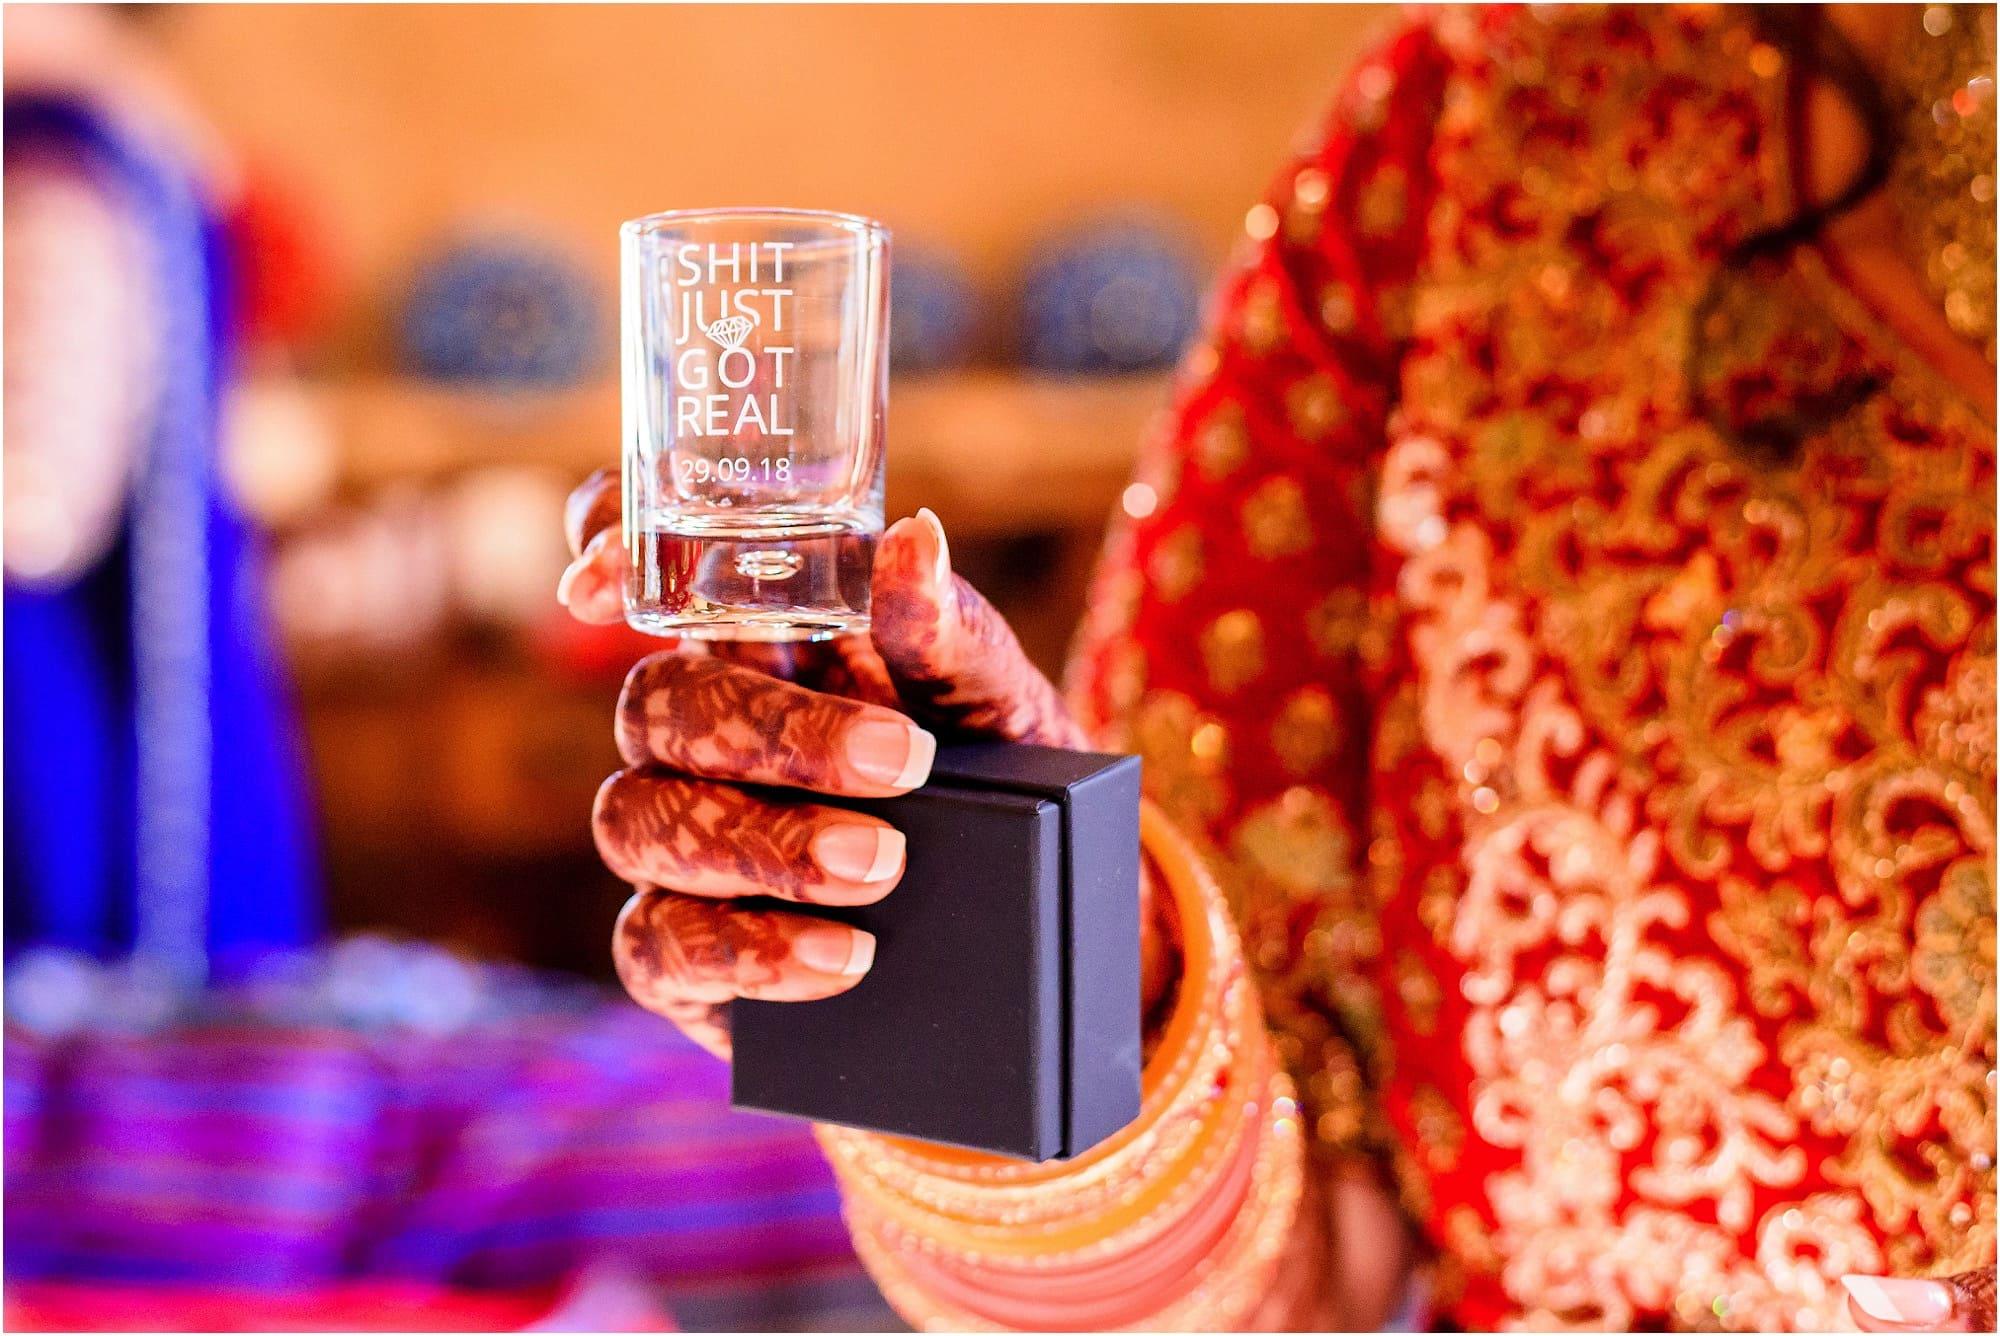 Shot glass present